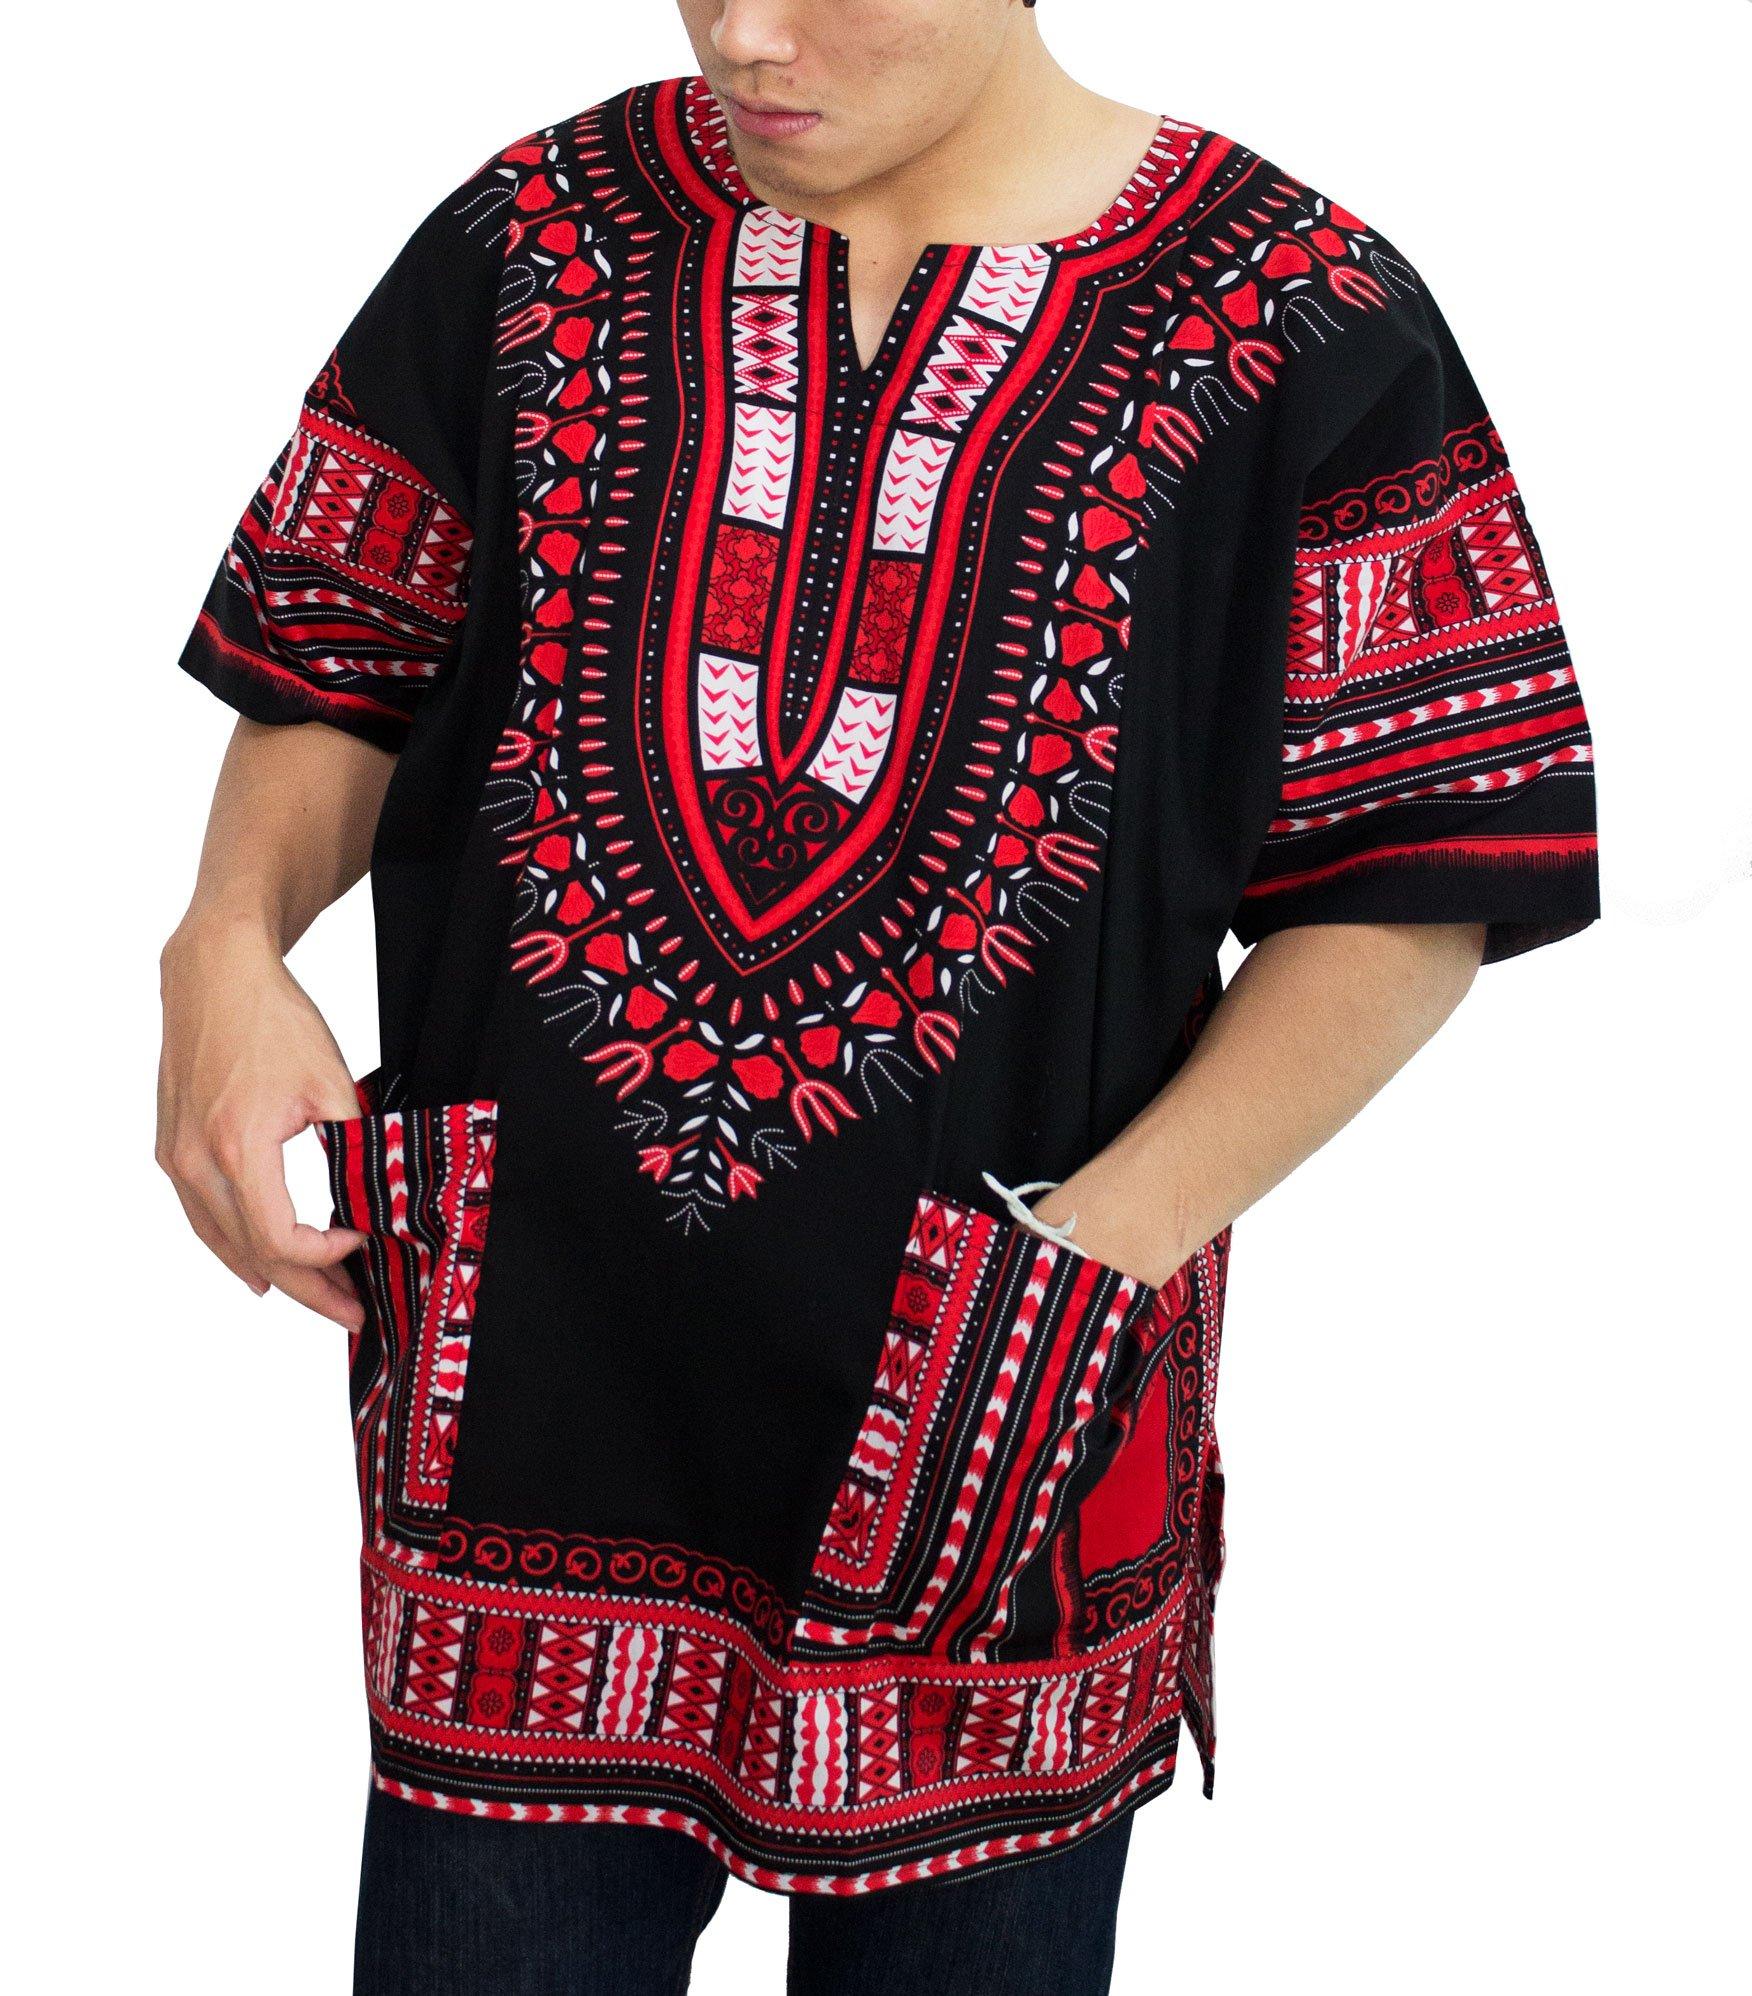 African Men Shirt, Dashiki Clothing For Women Shirts (X-Large).